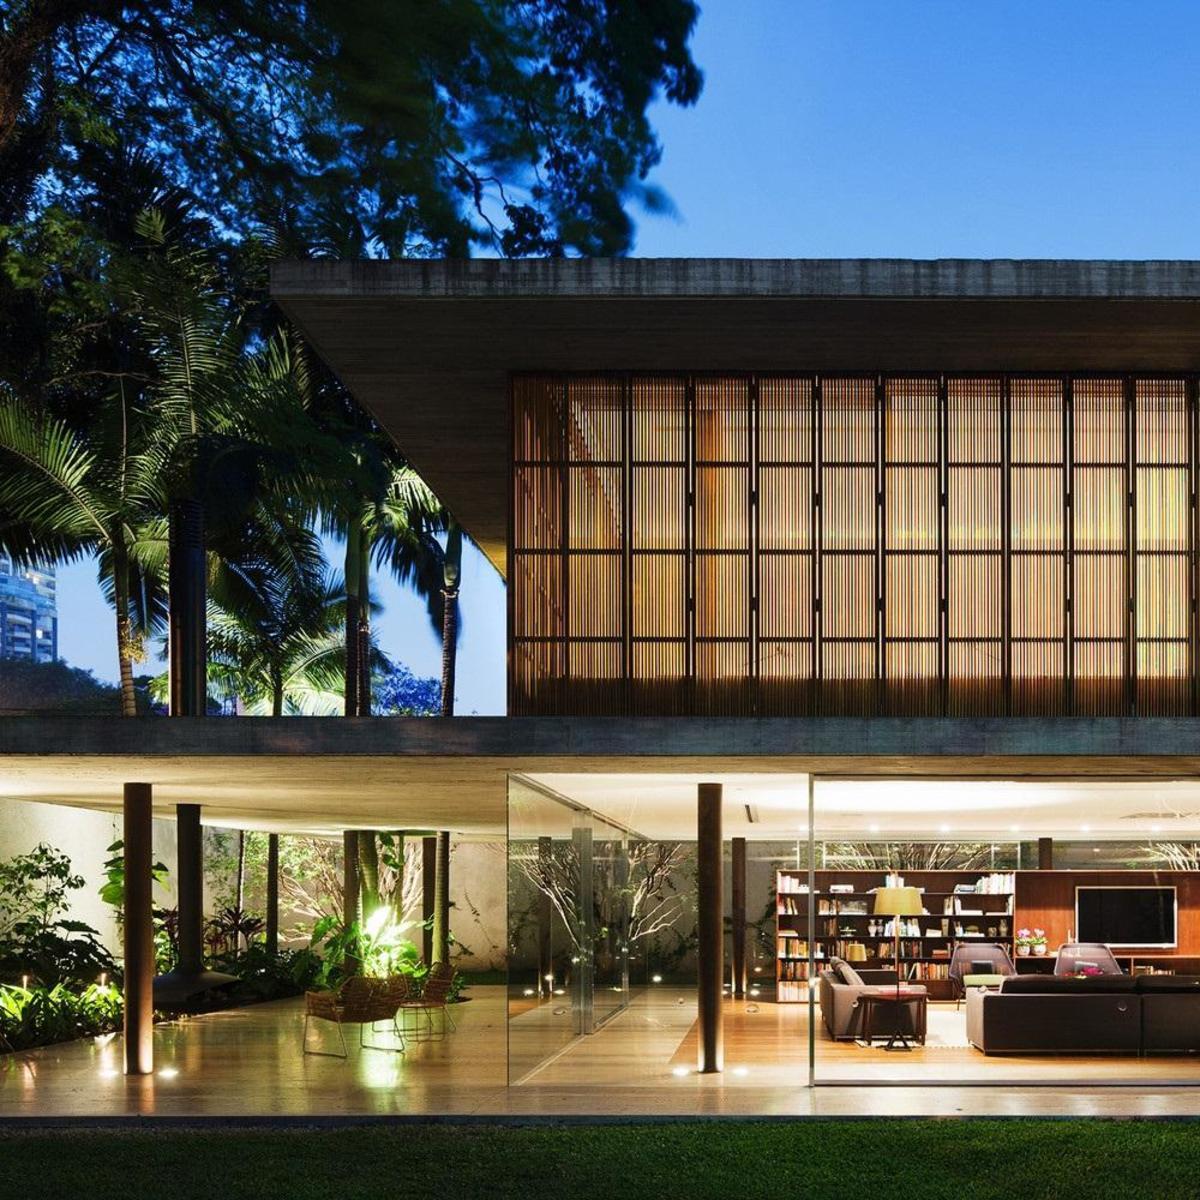 Cột trụ trong kiến trúc: Từ cổ điển đến hỗ trợ sáng tạo các công trình hiện đại